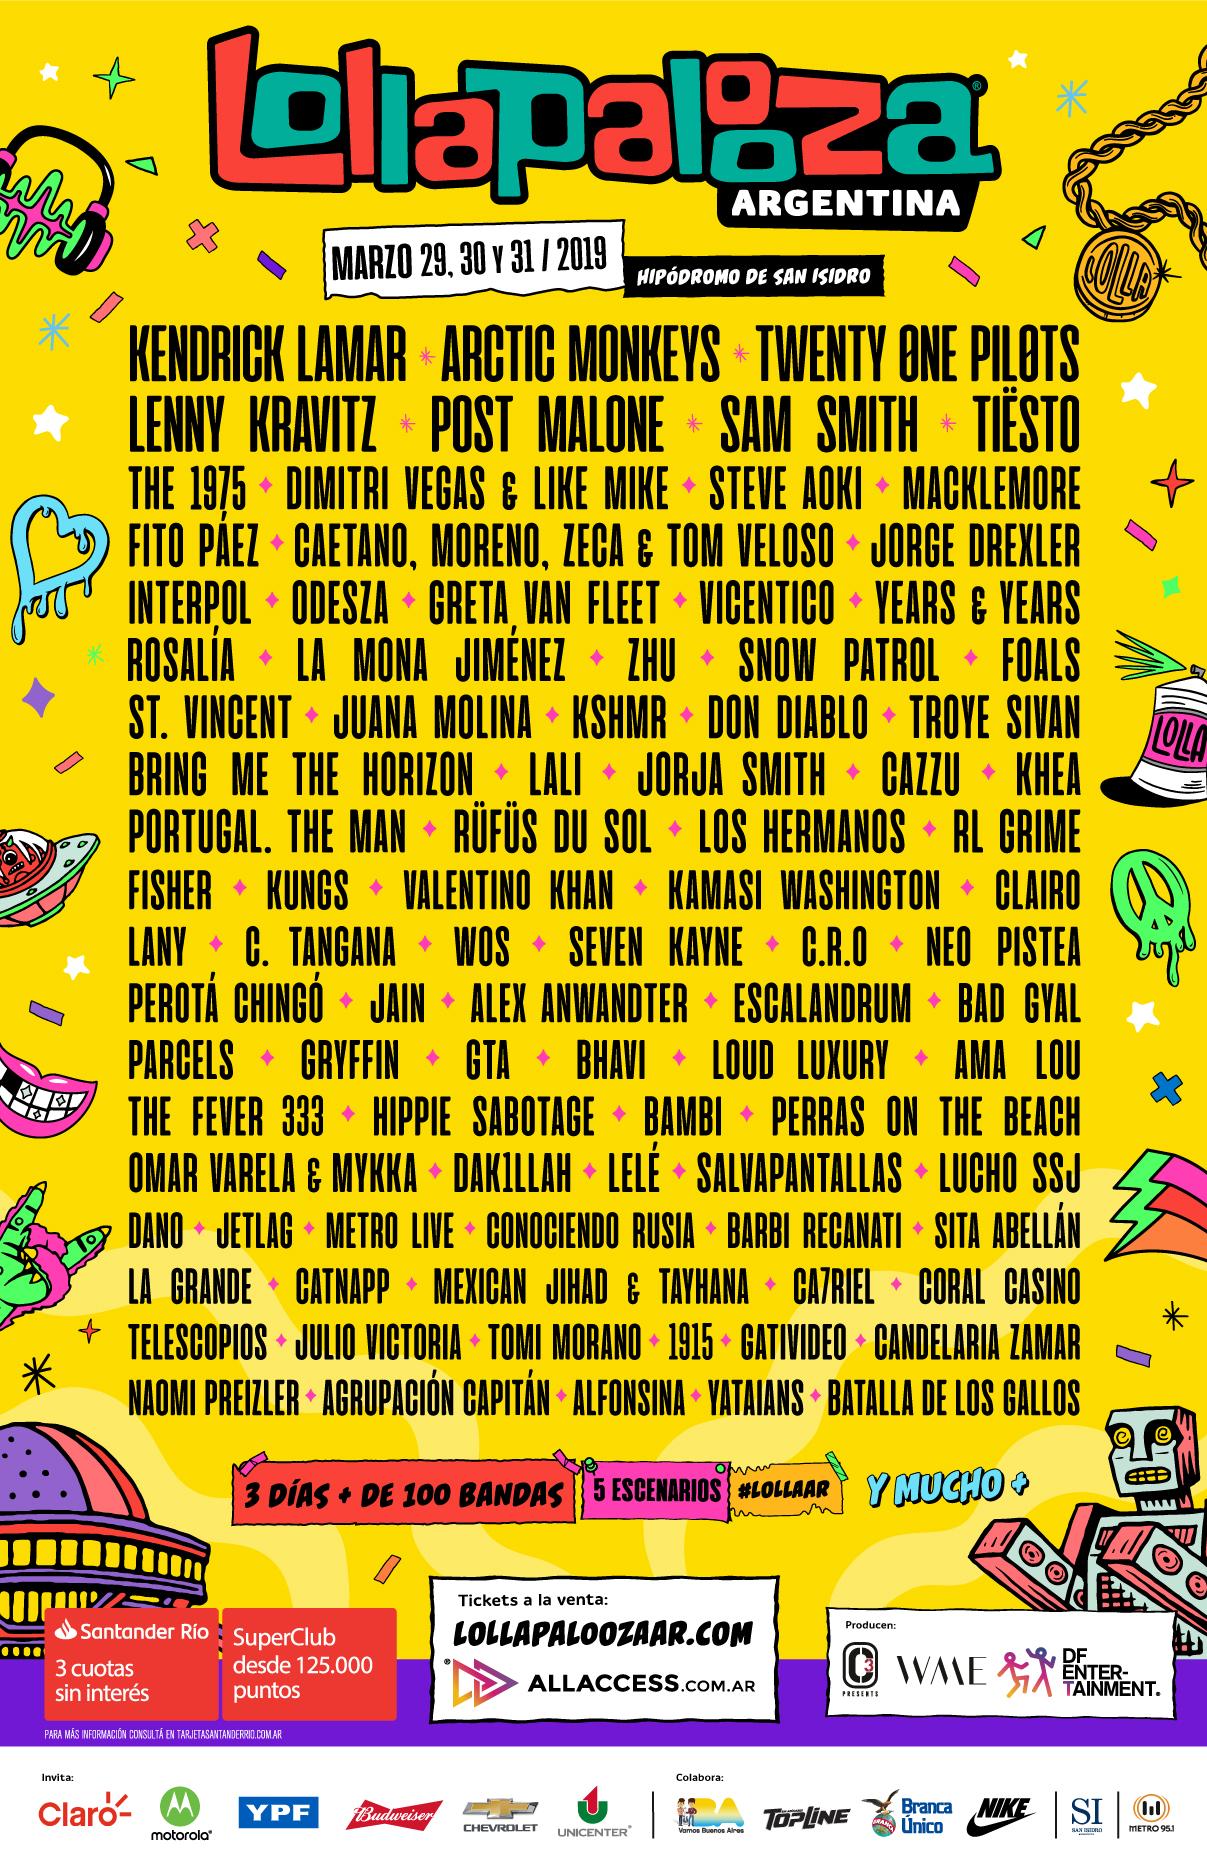 Cartel de Lollapalooza Argentina 2019